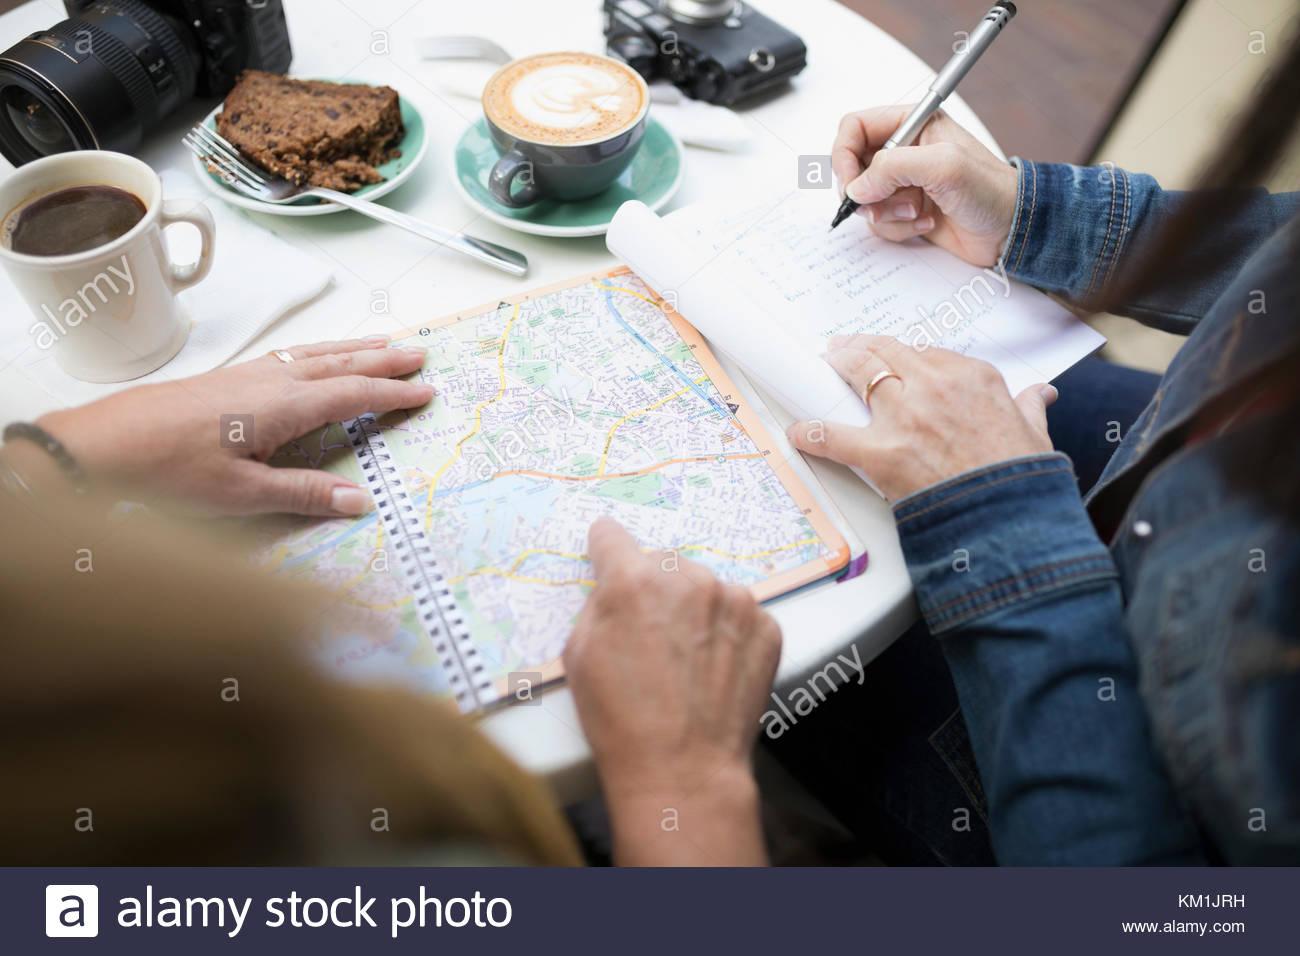 Las mujeres amigos planificación con mapa, beber un café en la cafetería Imagen De Stock